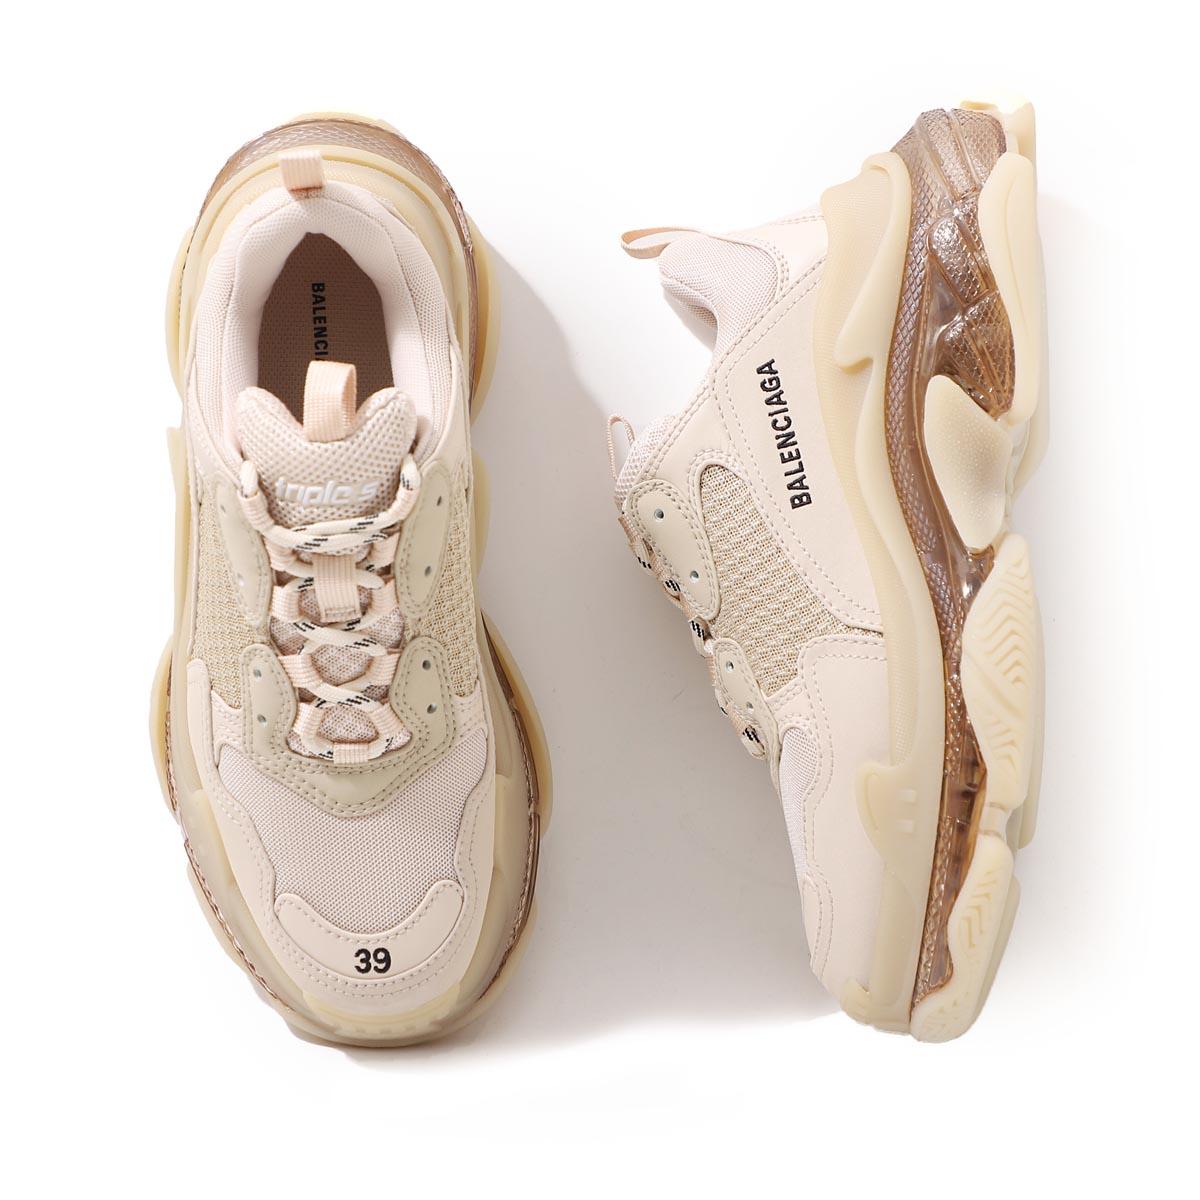 レディース靴, スニーカー  BALENCIAGA 544351 w2ga1 9710 TRIPLE S S